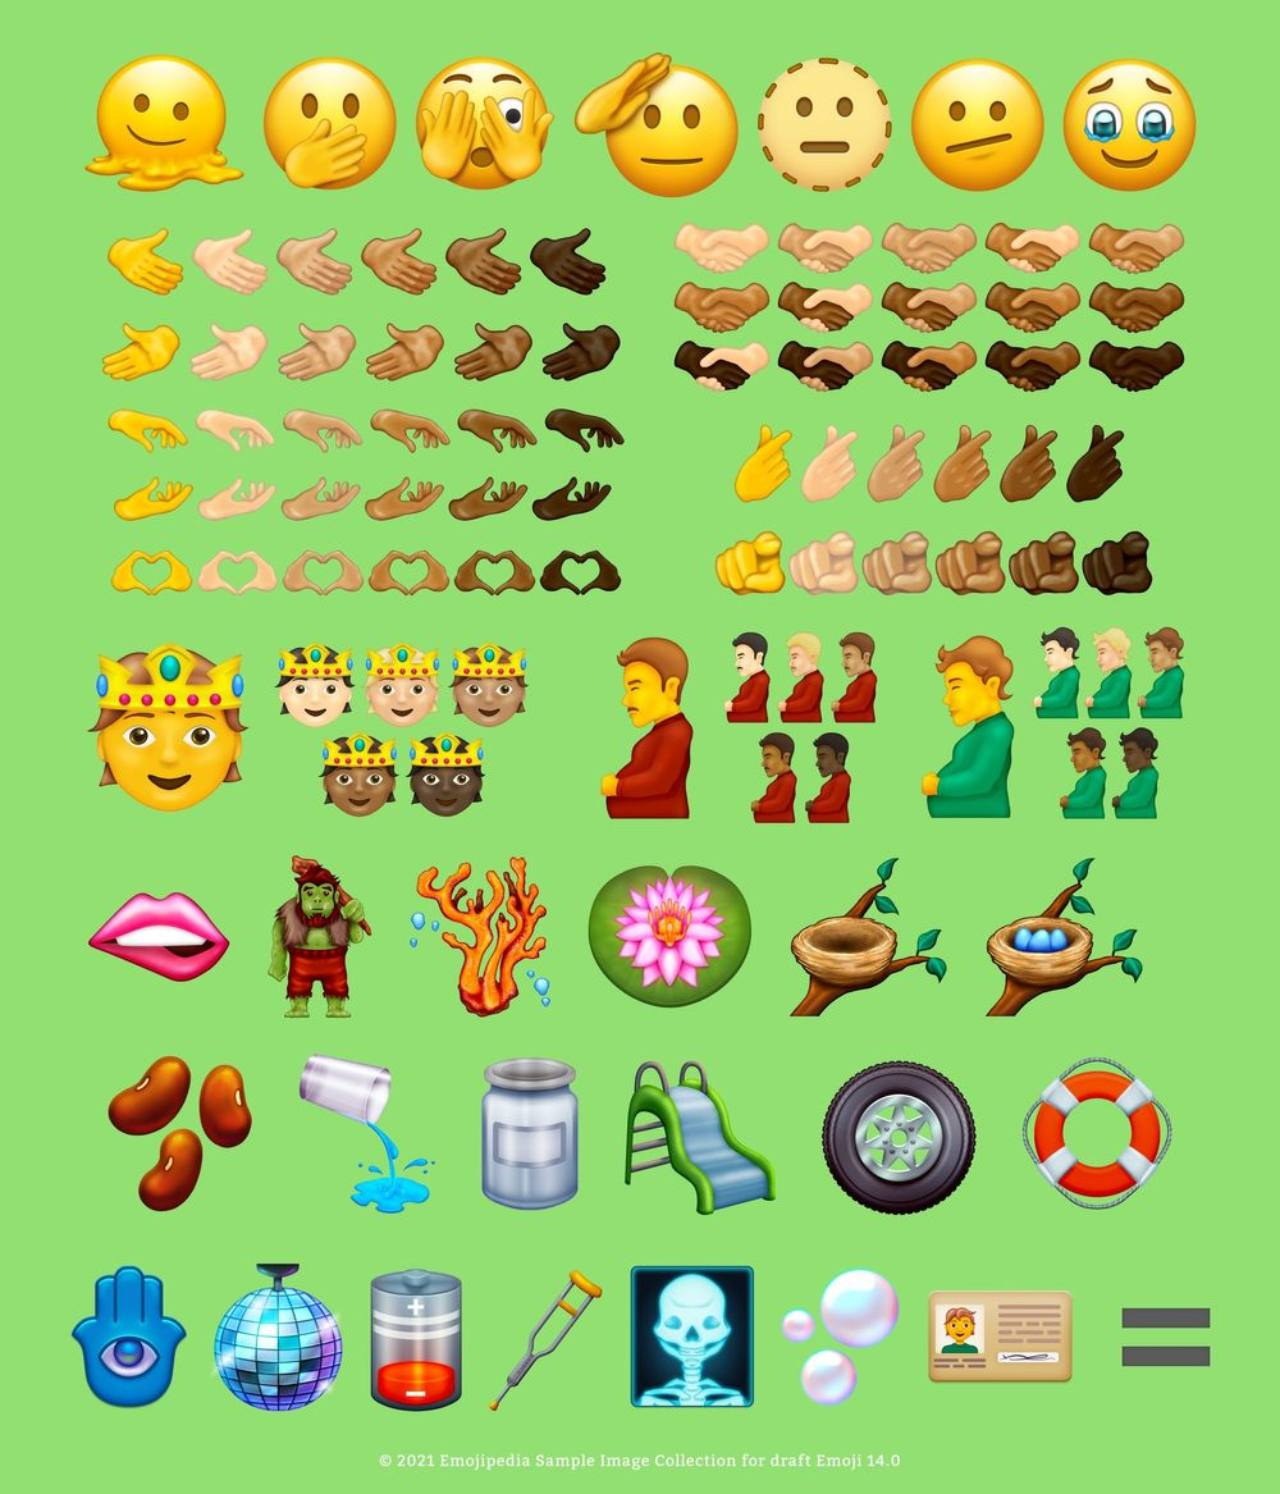 Emojis hombre embarazado persona no binaria